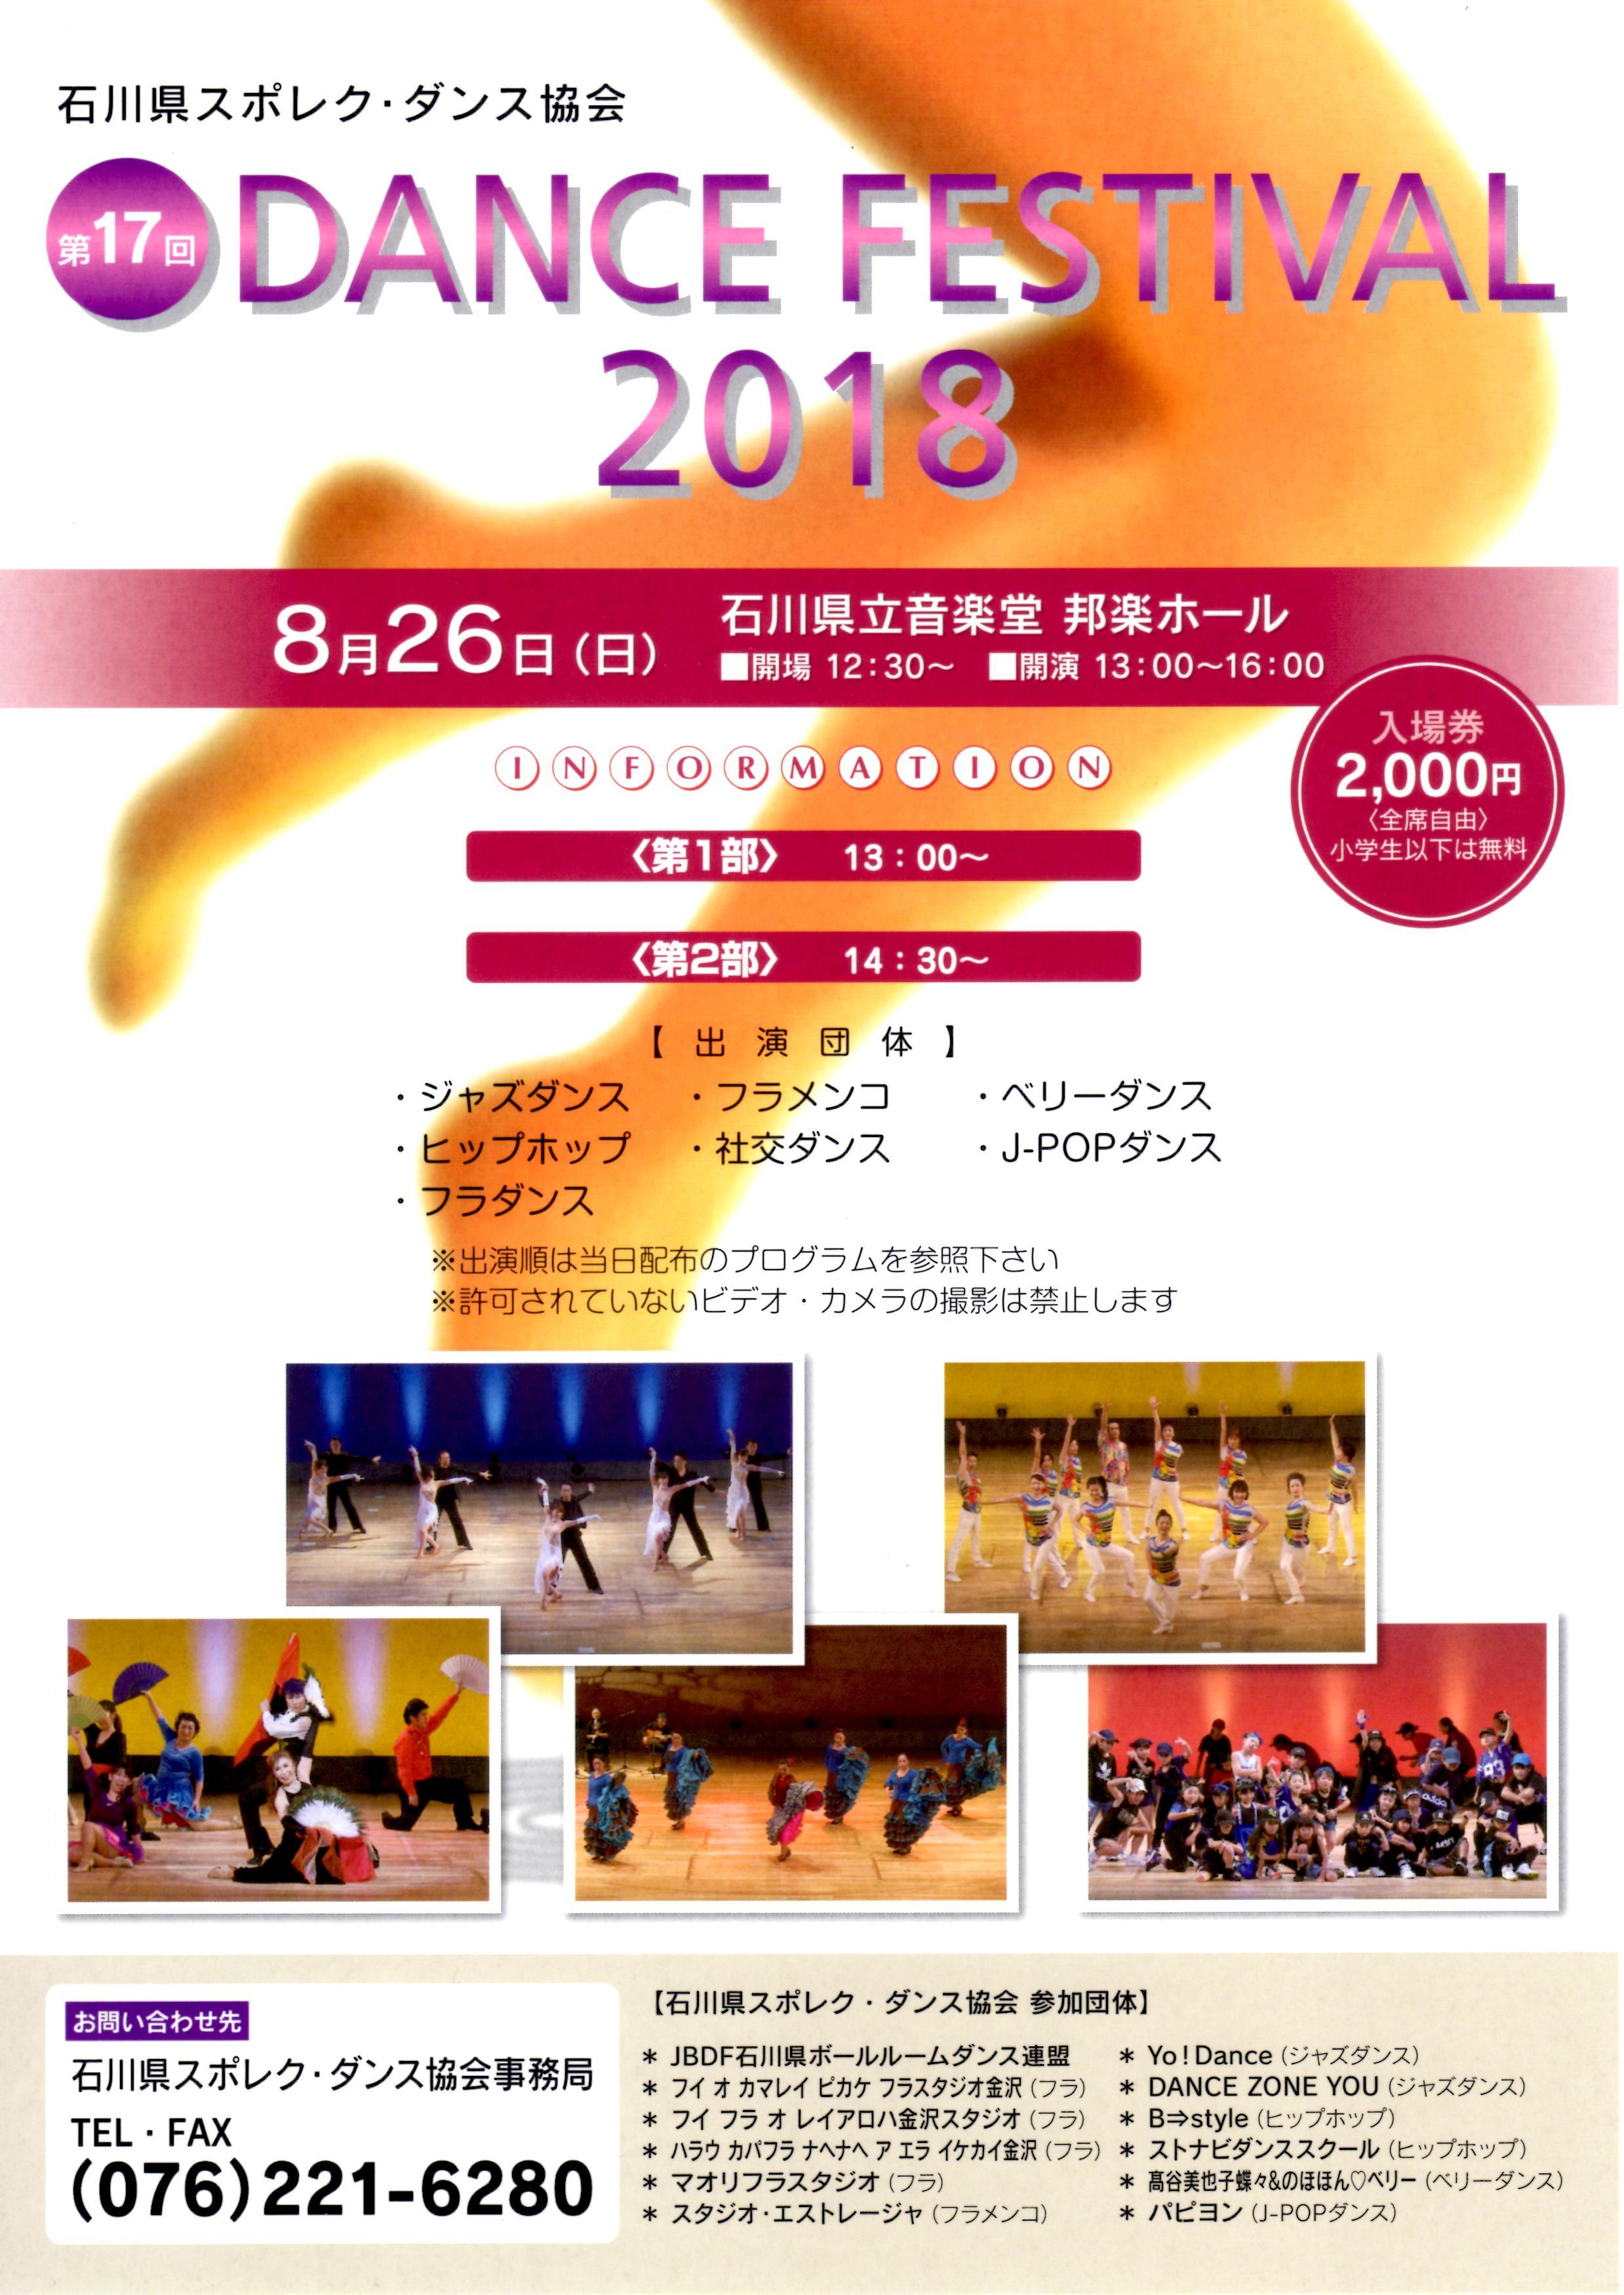 スポレクダンス協会ダンスフェスティバル